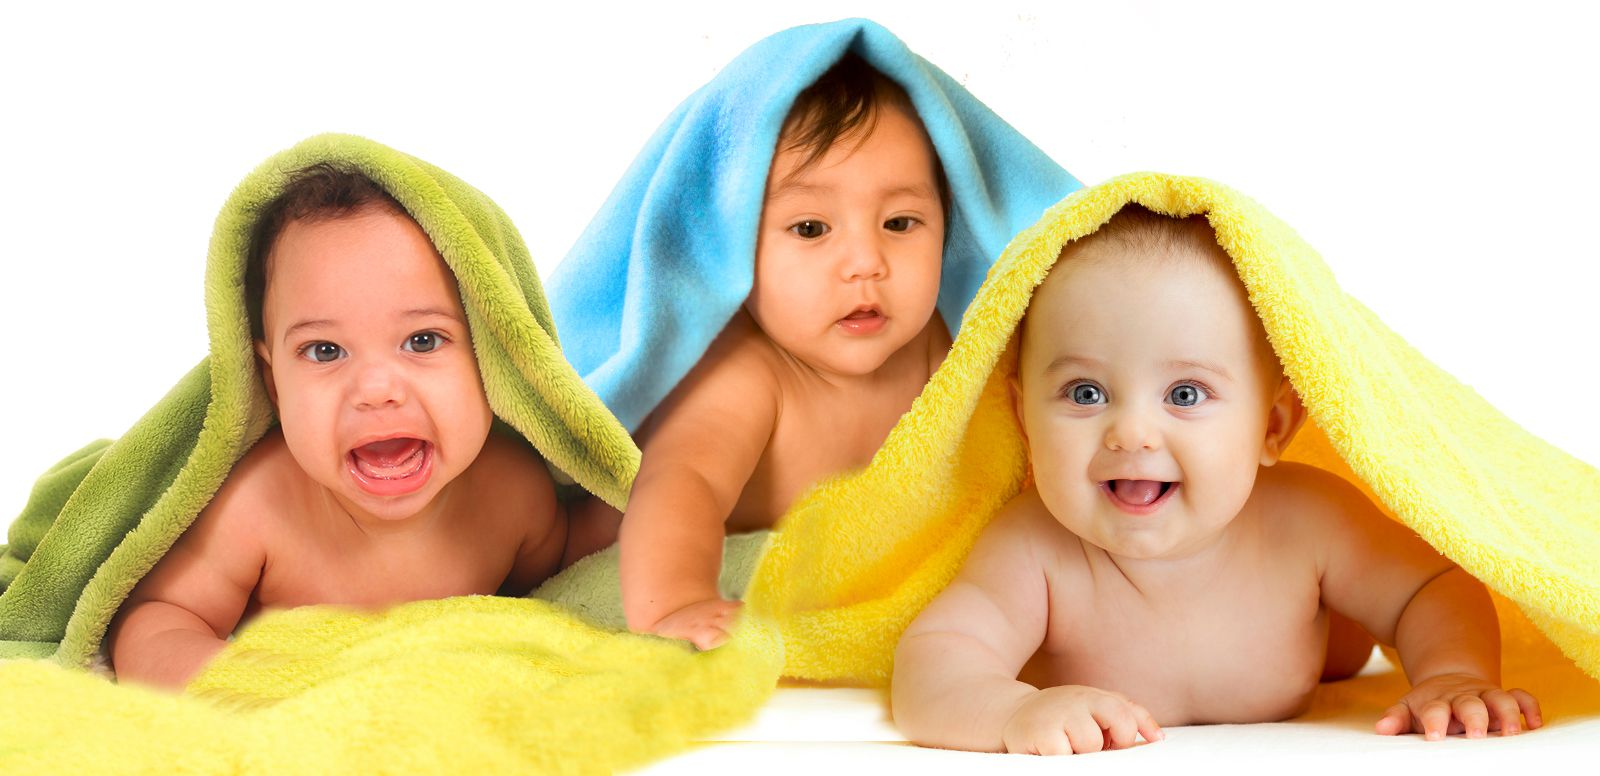 बच्चे टीकाकरण का महत्व